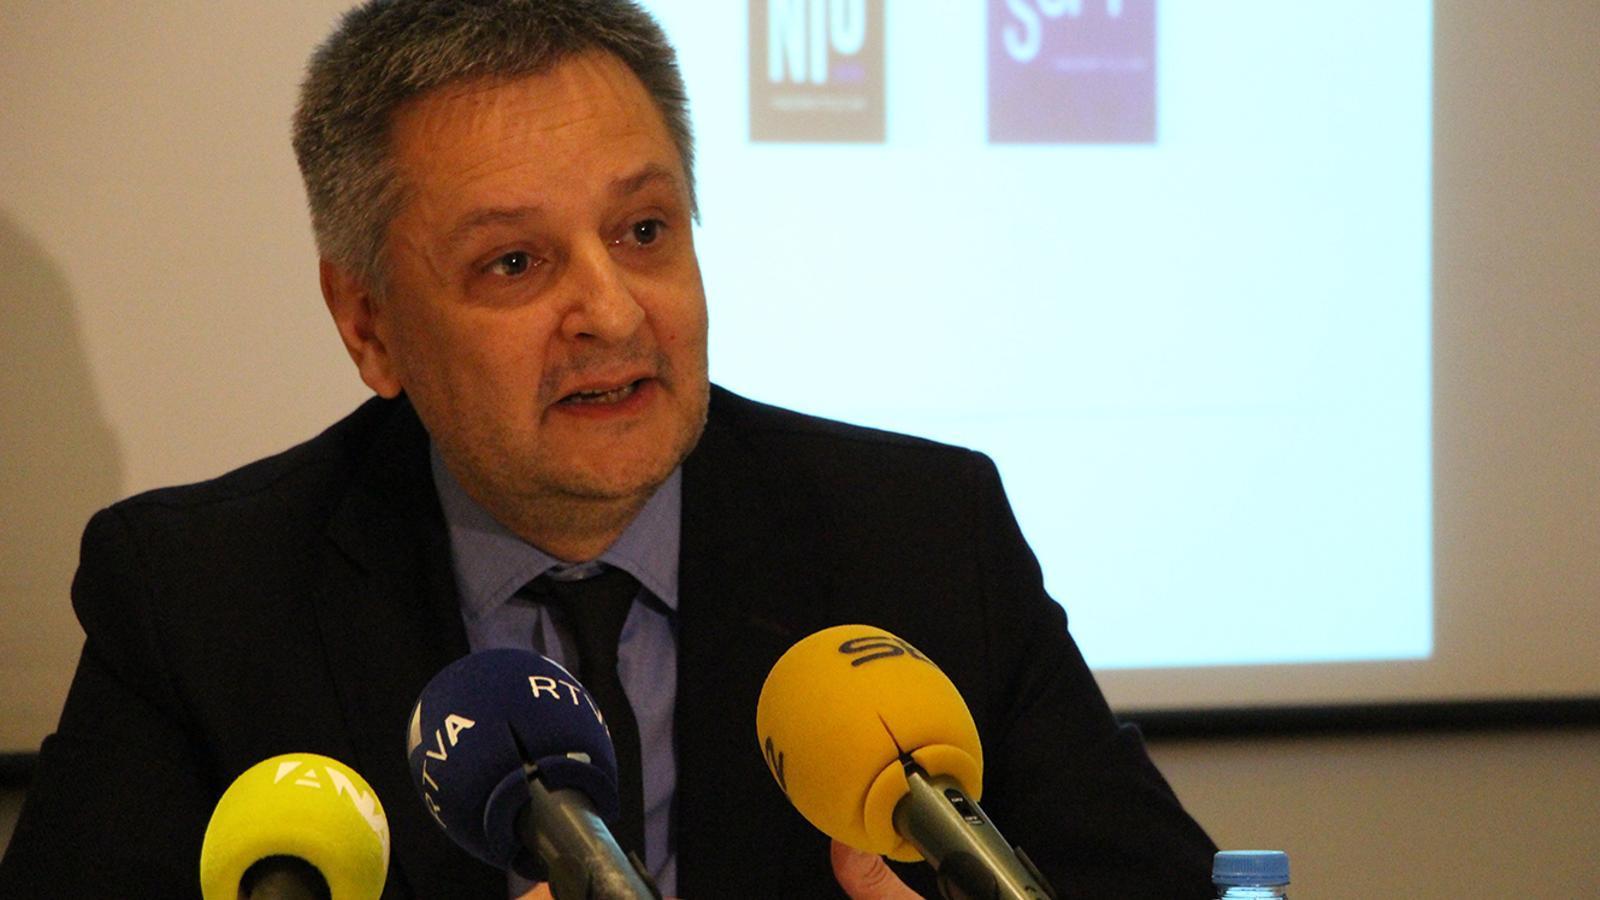 El ministre d'Economia, Competitivat i Innovació, Gilbert Saboya, avala la creació d'una plataforma d'inversors. / B. N.